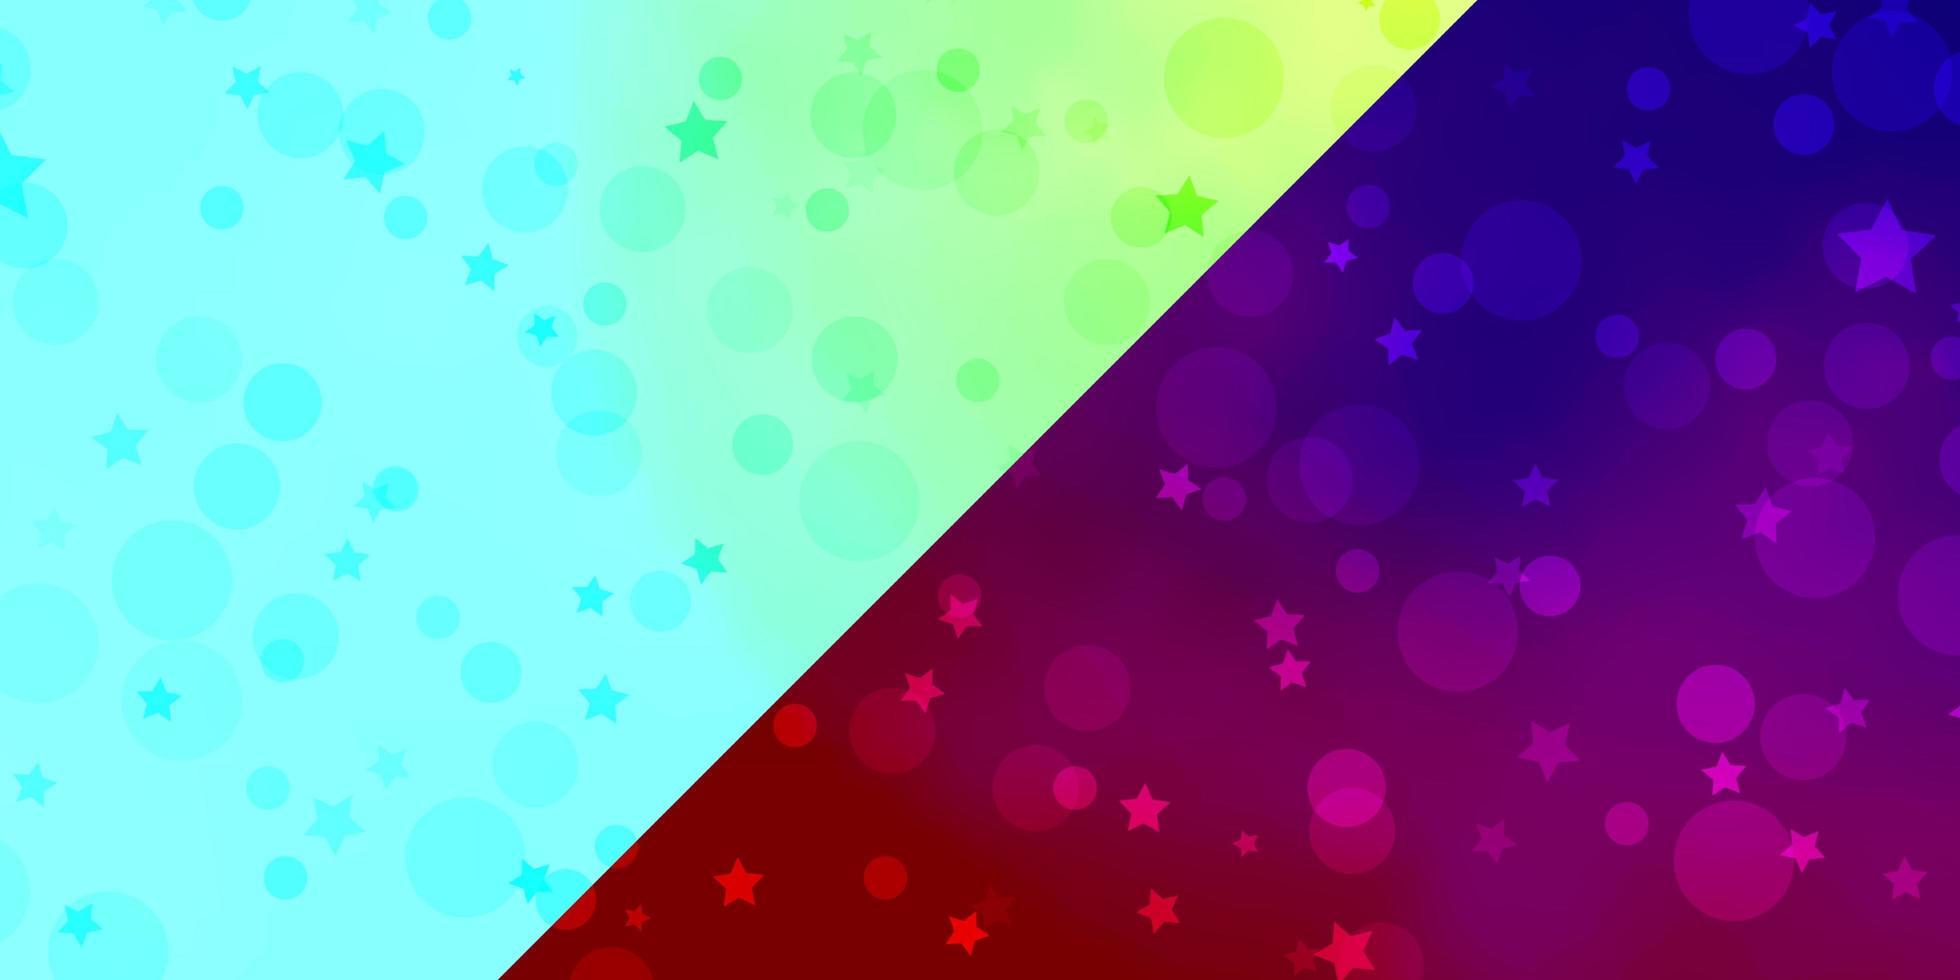 textura com círculos e estrelas. vetor